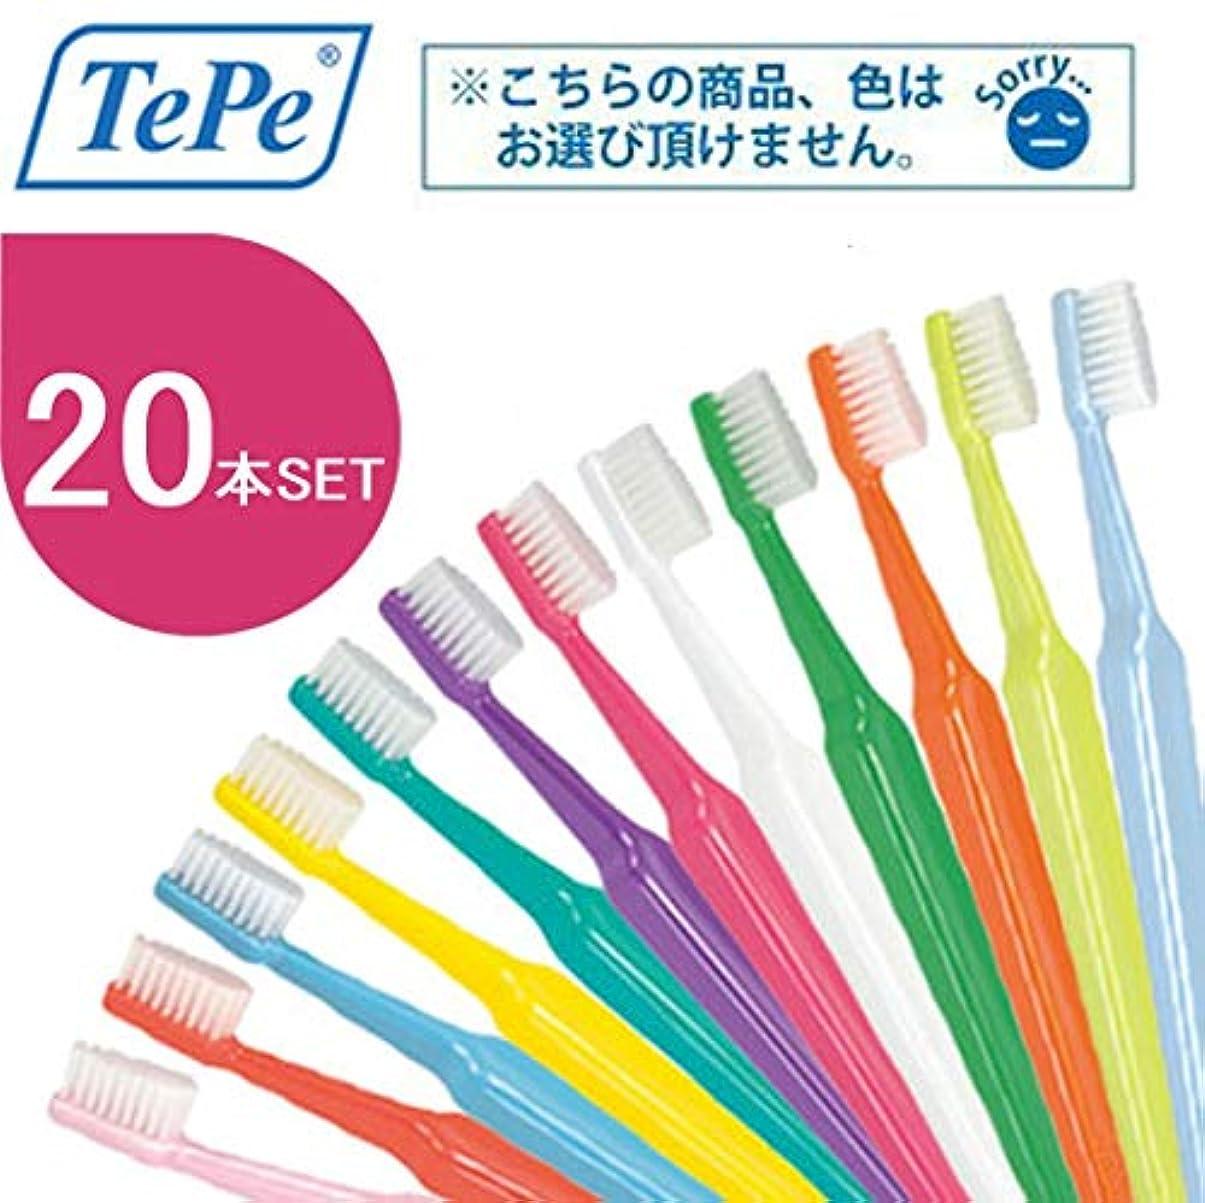 ごめんなさいフラスコ十一クロスフィールド TePe テペ セレクト 歯ブラシ 20本 (ミディアム)